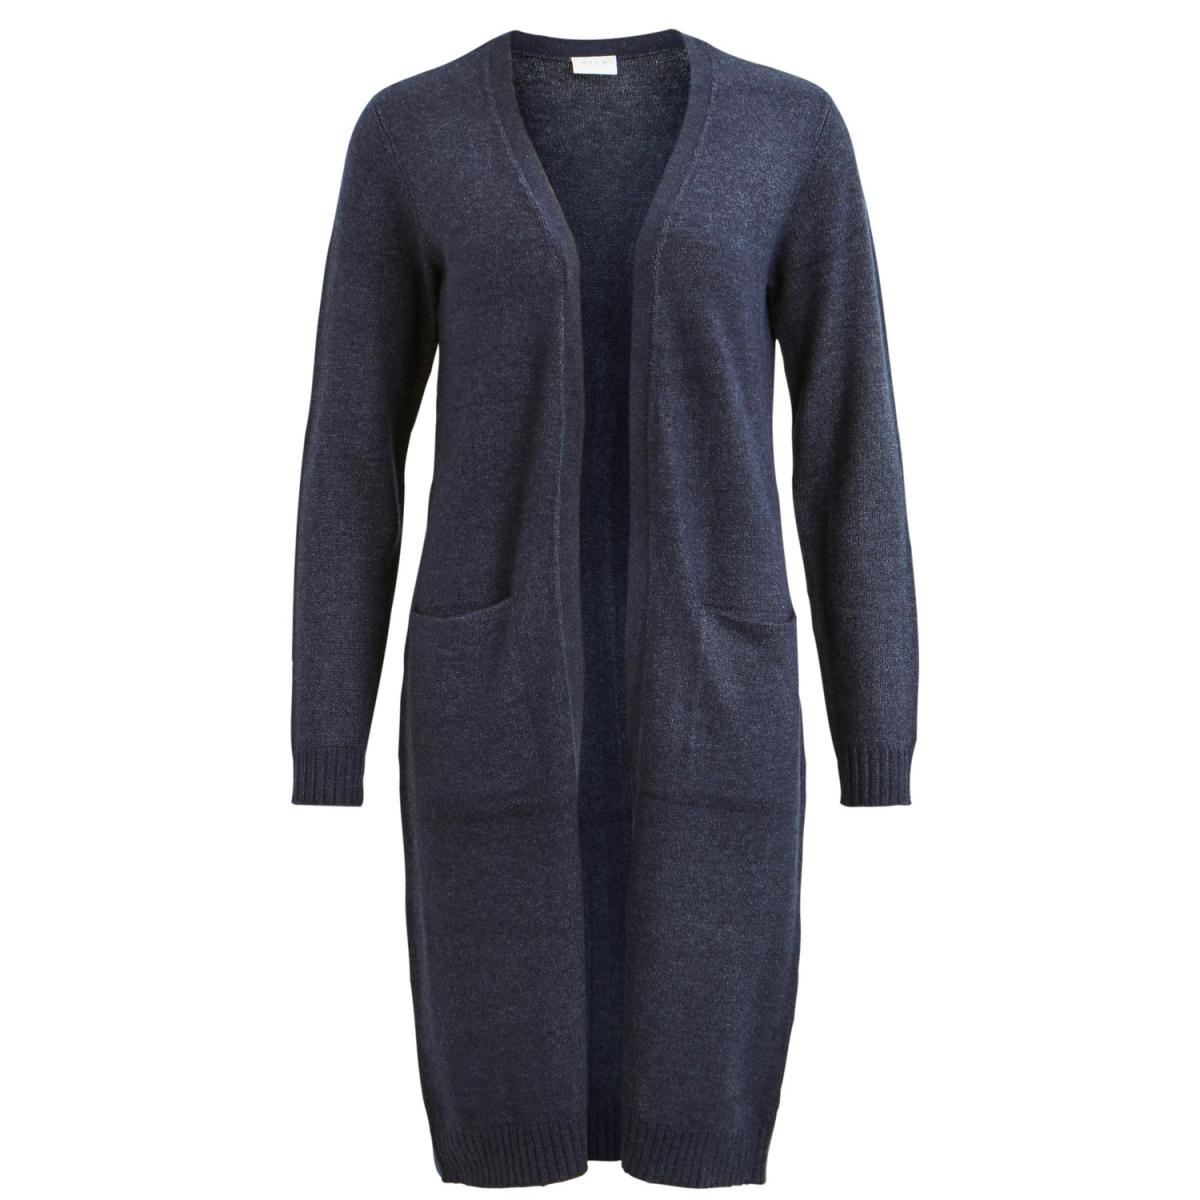 viril l/s long knit cardigan-noos 14042770 vila vest total eclipse / melange